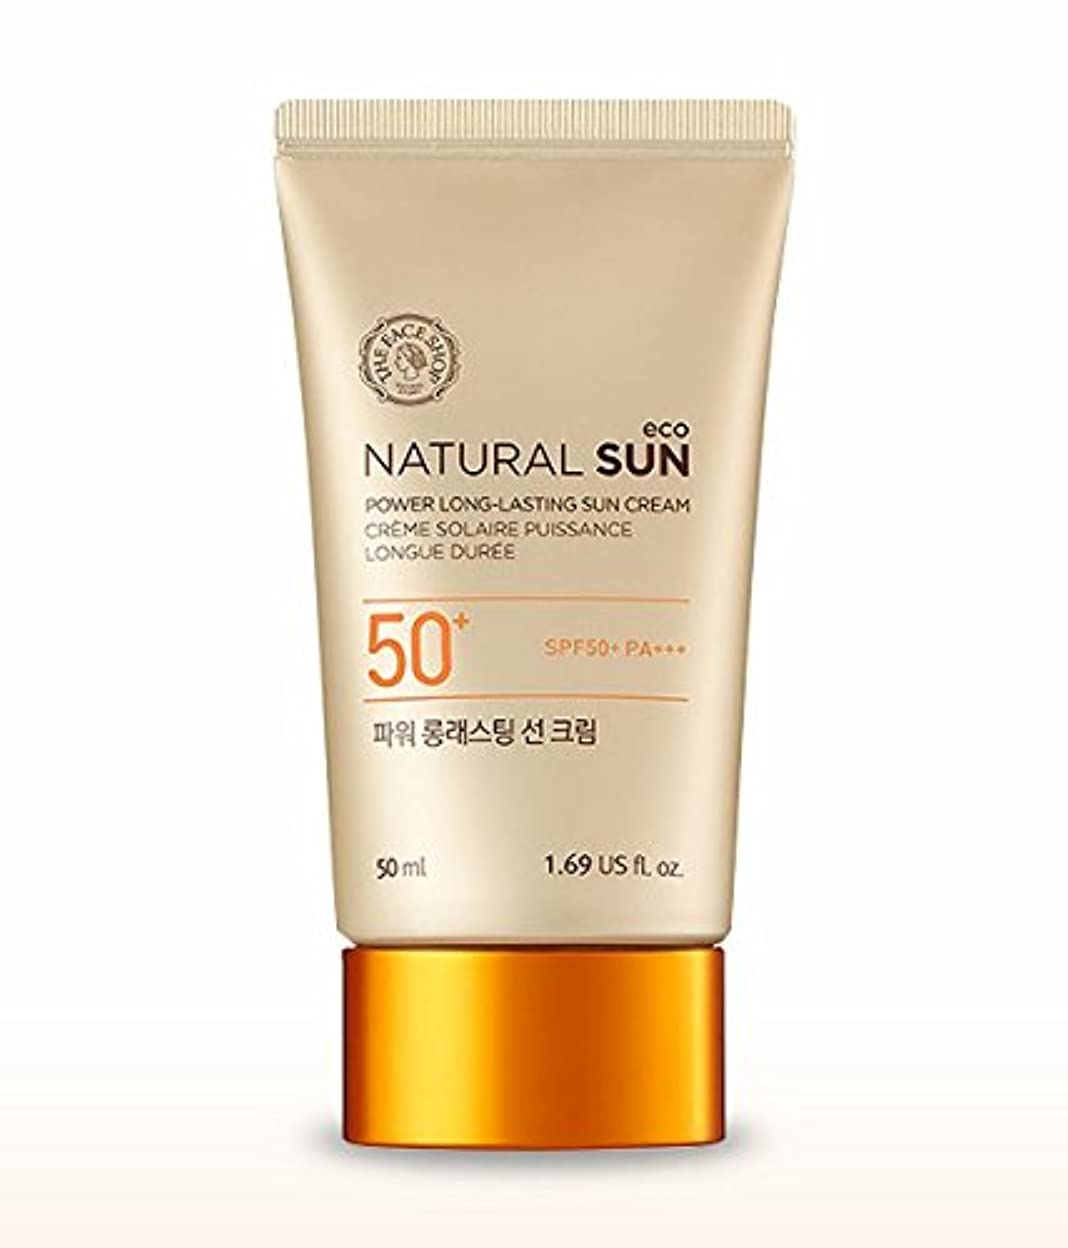 優しさレベル電話するTHE FACE SHOP Natural Sun Eco Power Long Lasting Sun Cream 50mlザフェイスショップ ナチュラルサンパワーロングラスティングサンクリーム [並行輸入品]